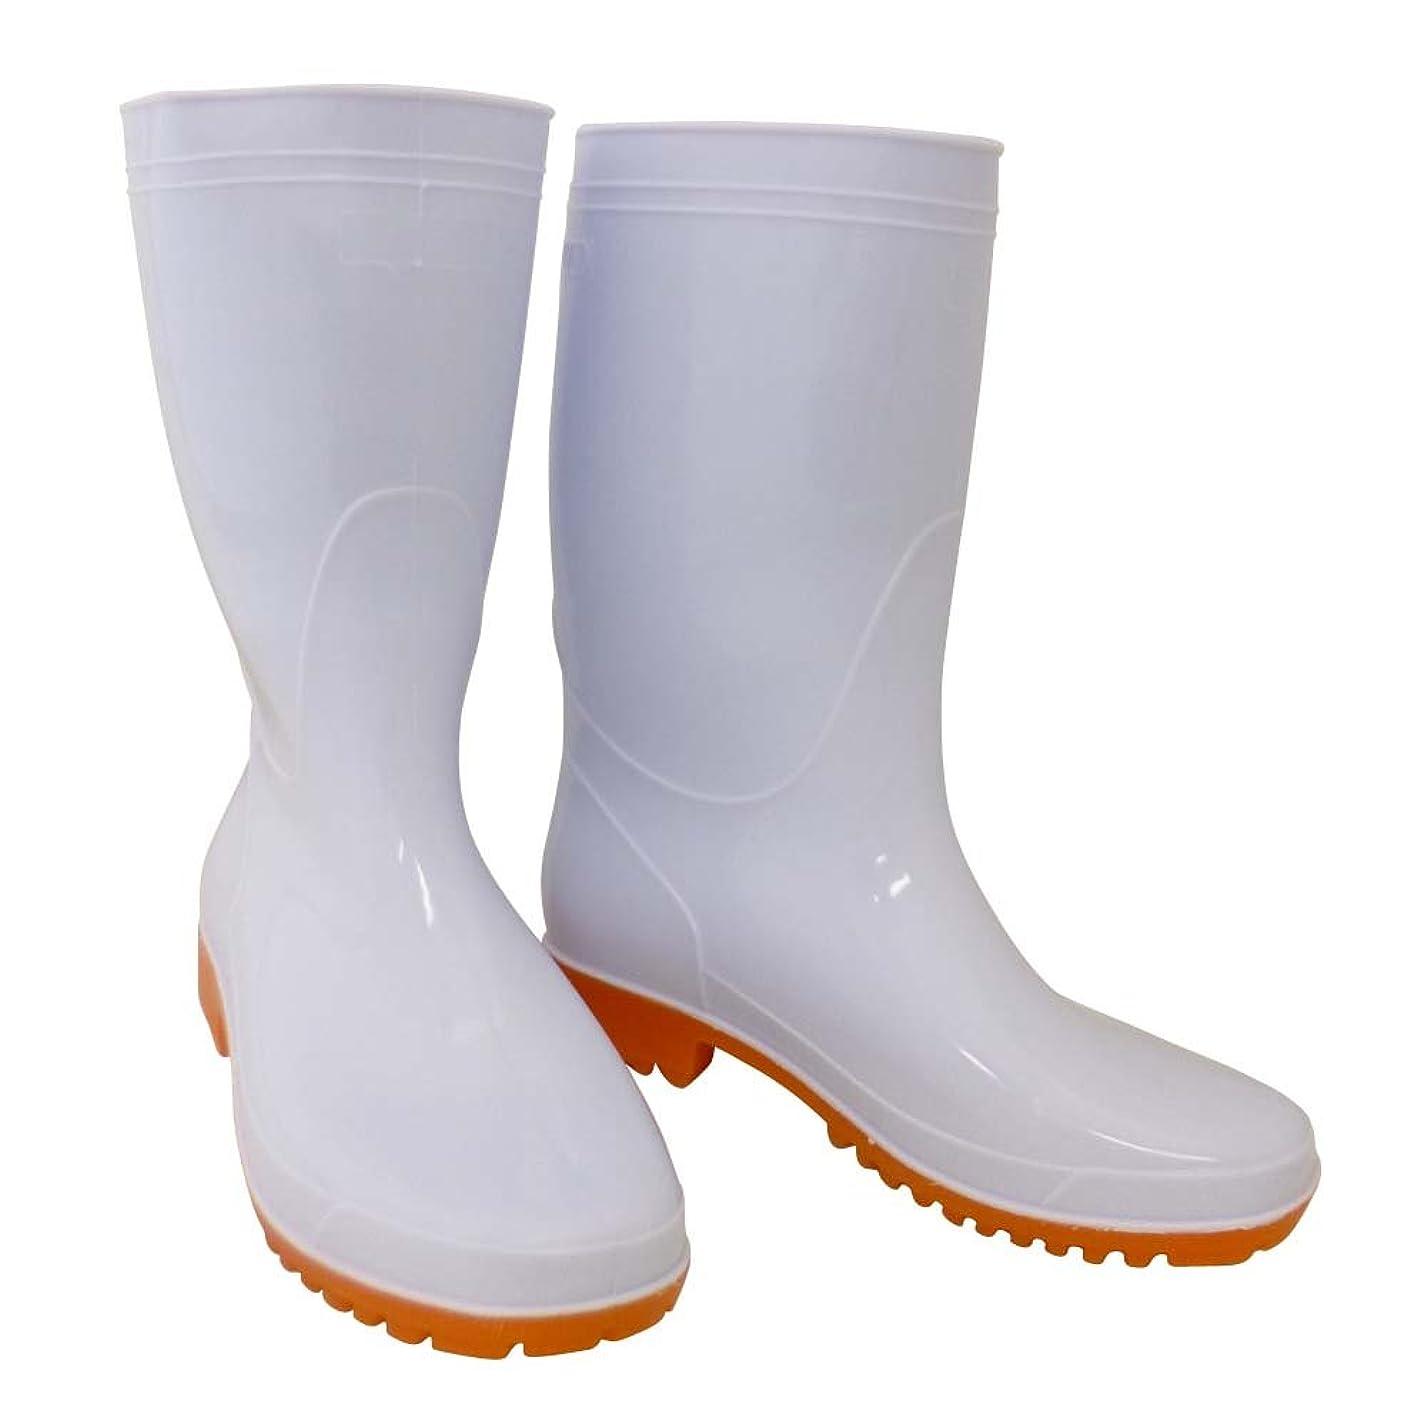 年齢溶けた準拠おたふく手袋 衛生耐油長靴 26.0cm WW-717